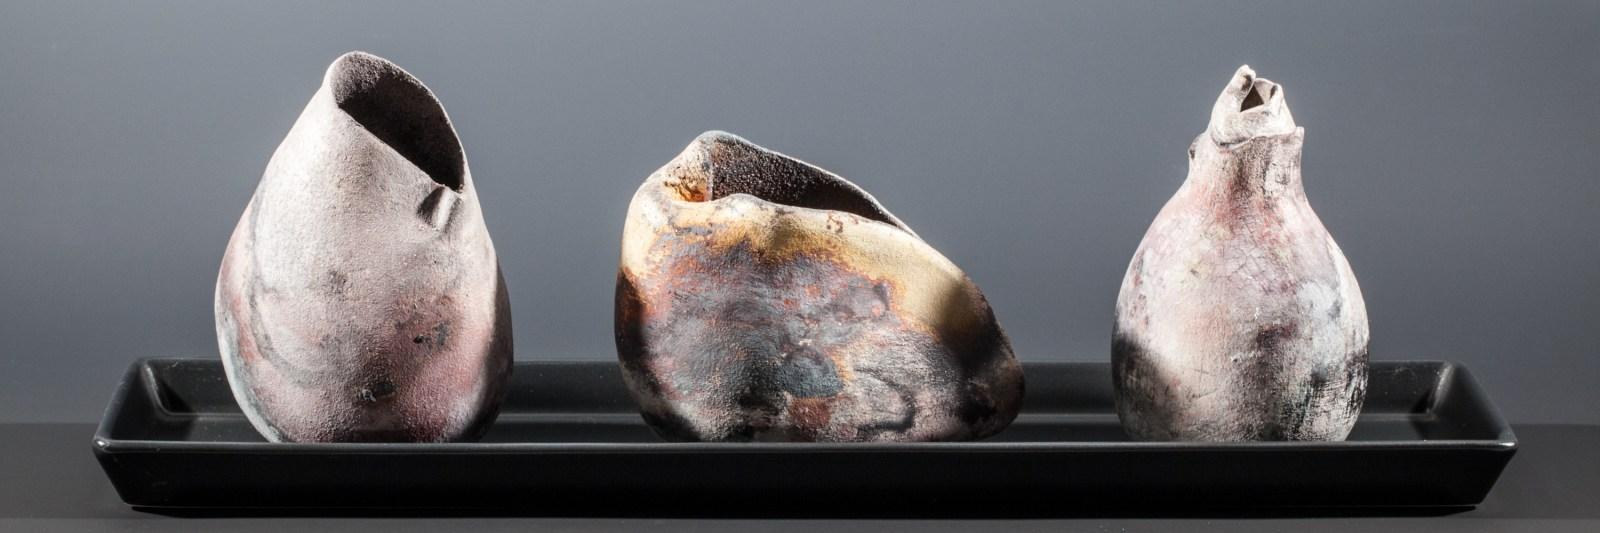 Helen-Shanks-ceramics-131